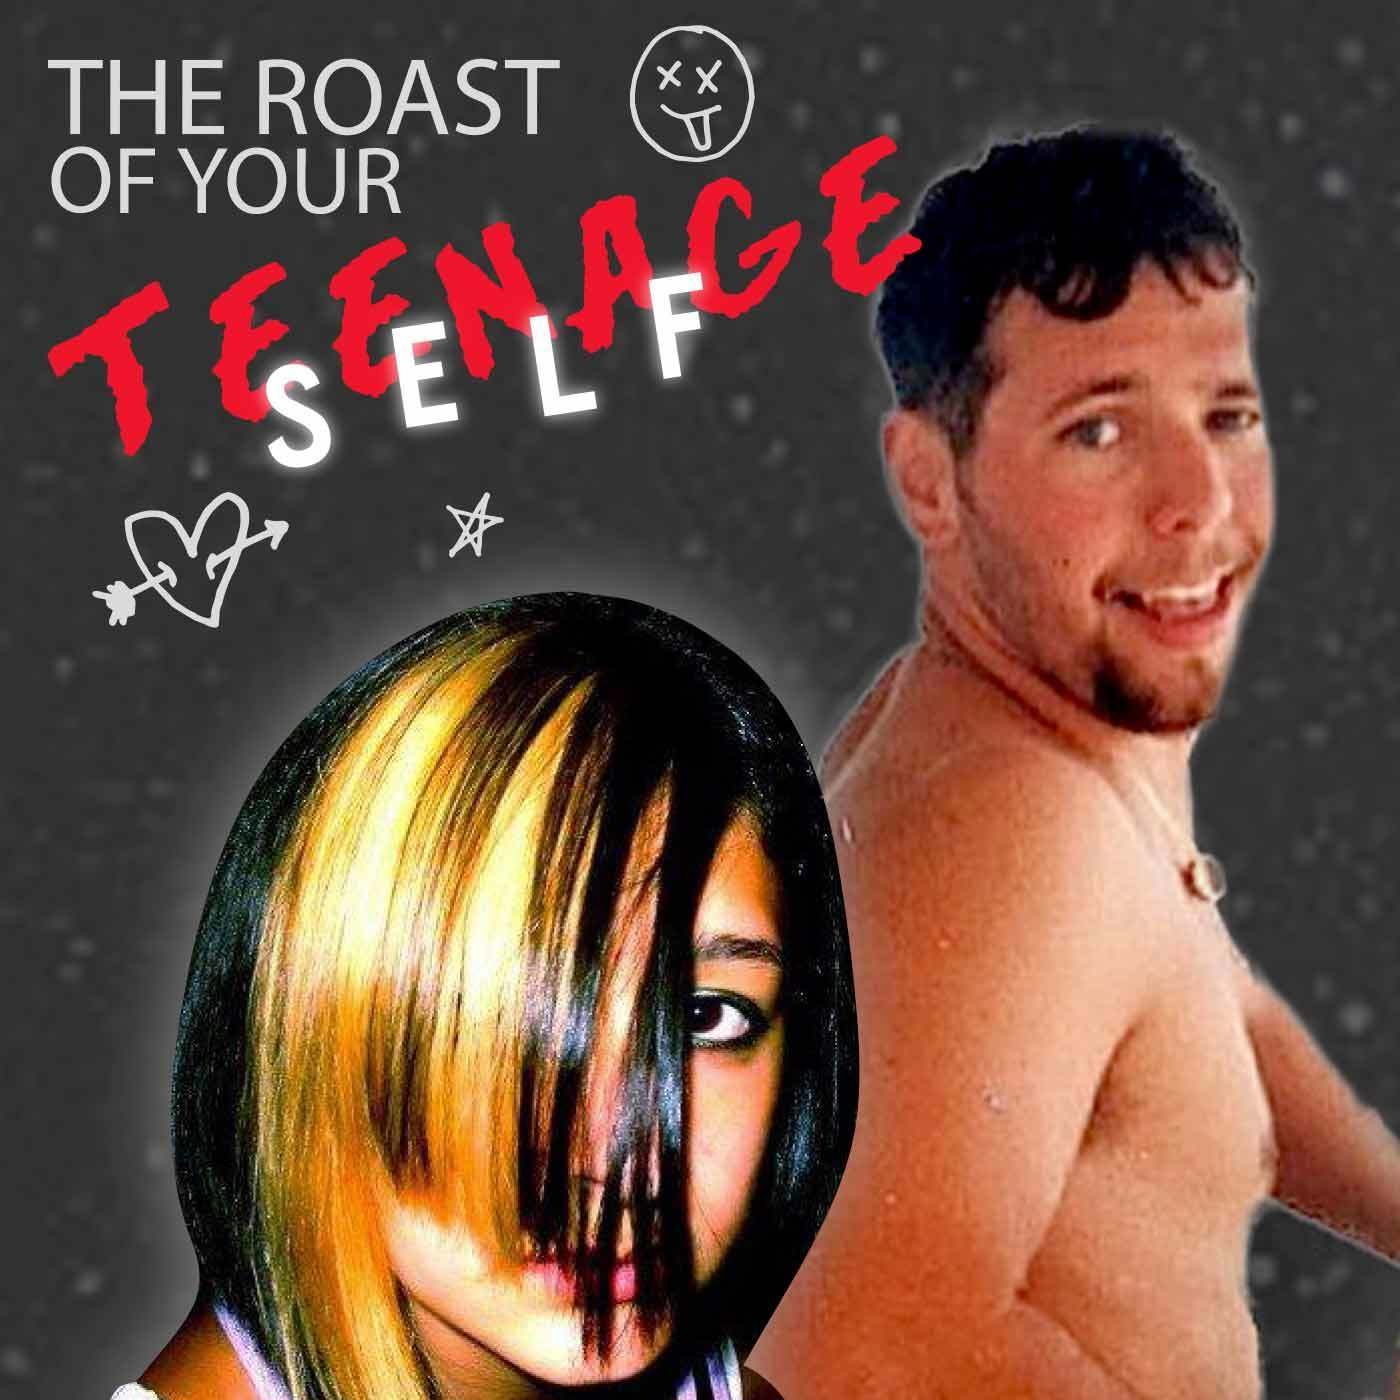 Bert Kreischer: The Roast of Your Teenage Self w/ Alise Morales